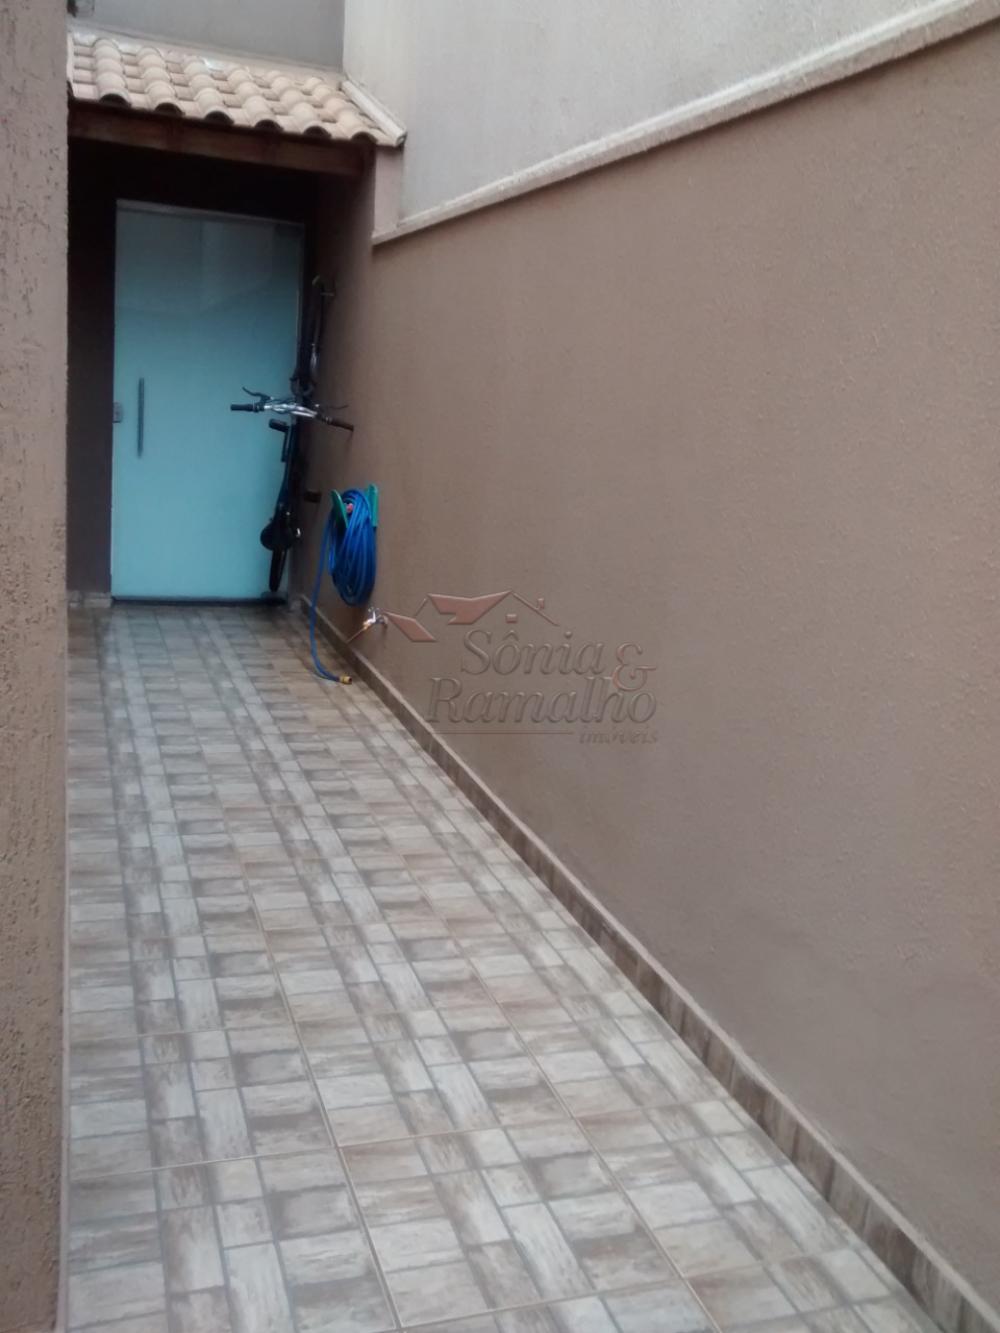 Comprar Apartamentos / Padrão em Ribeirão Preto apenas R$ 230.000,00 - Foto 10